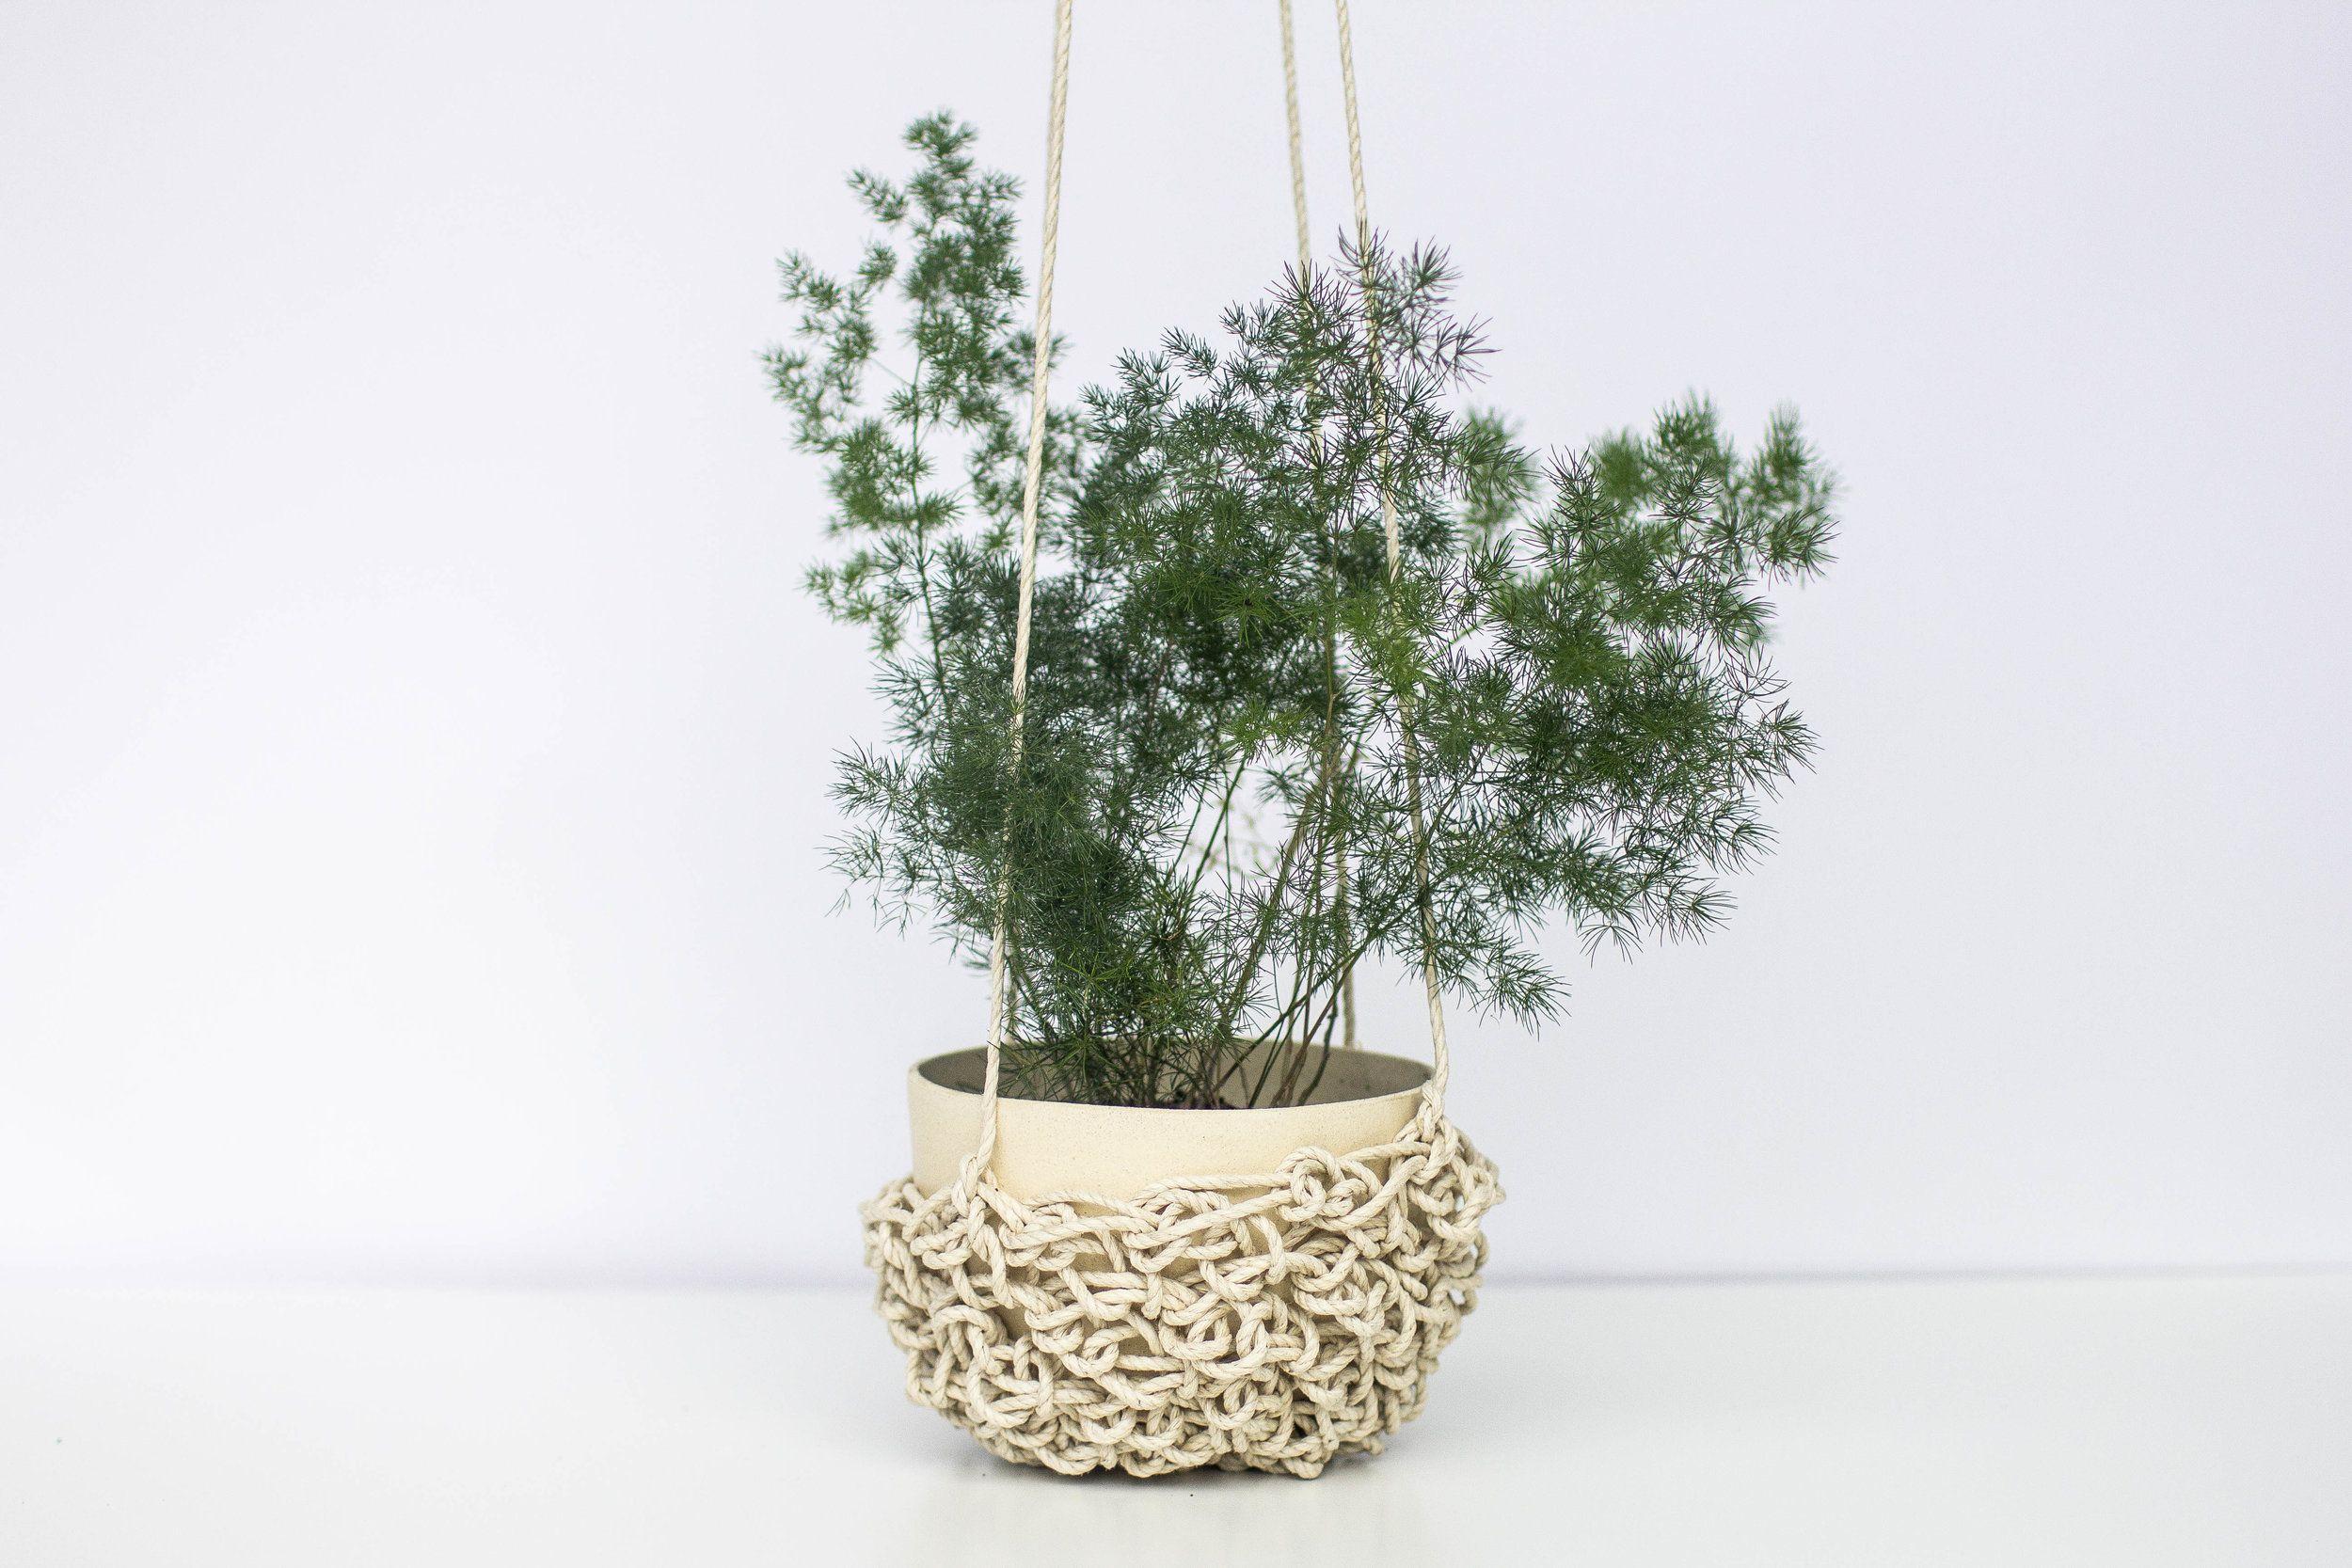 Kati Von Lehman Crocheted Hanging Planter